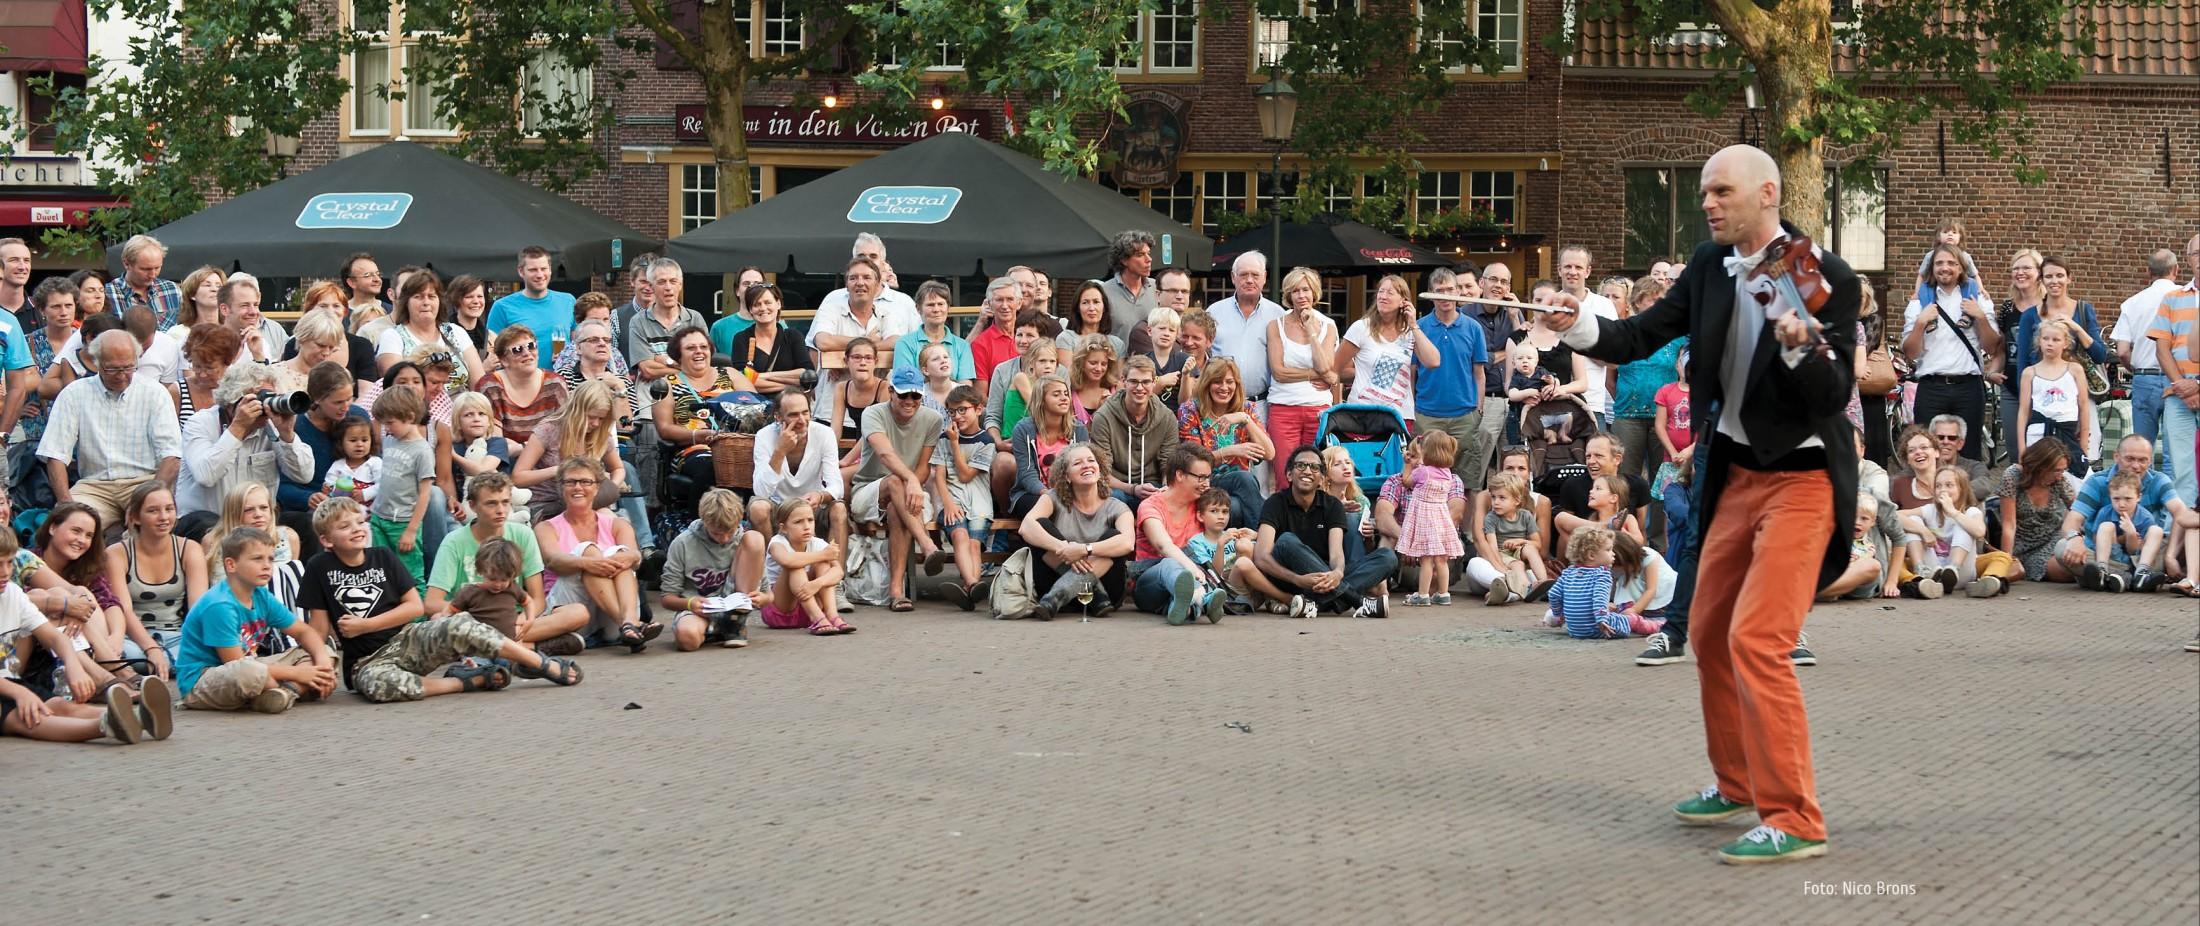 Straattheater in Amersfoort